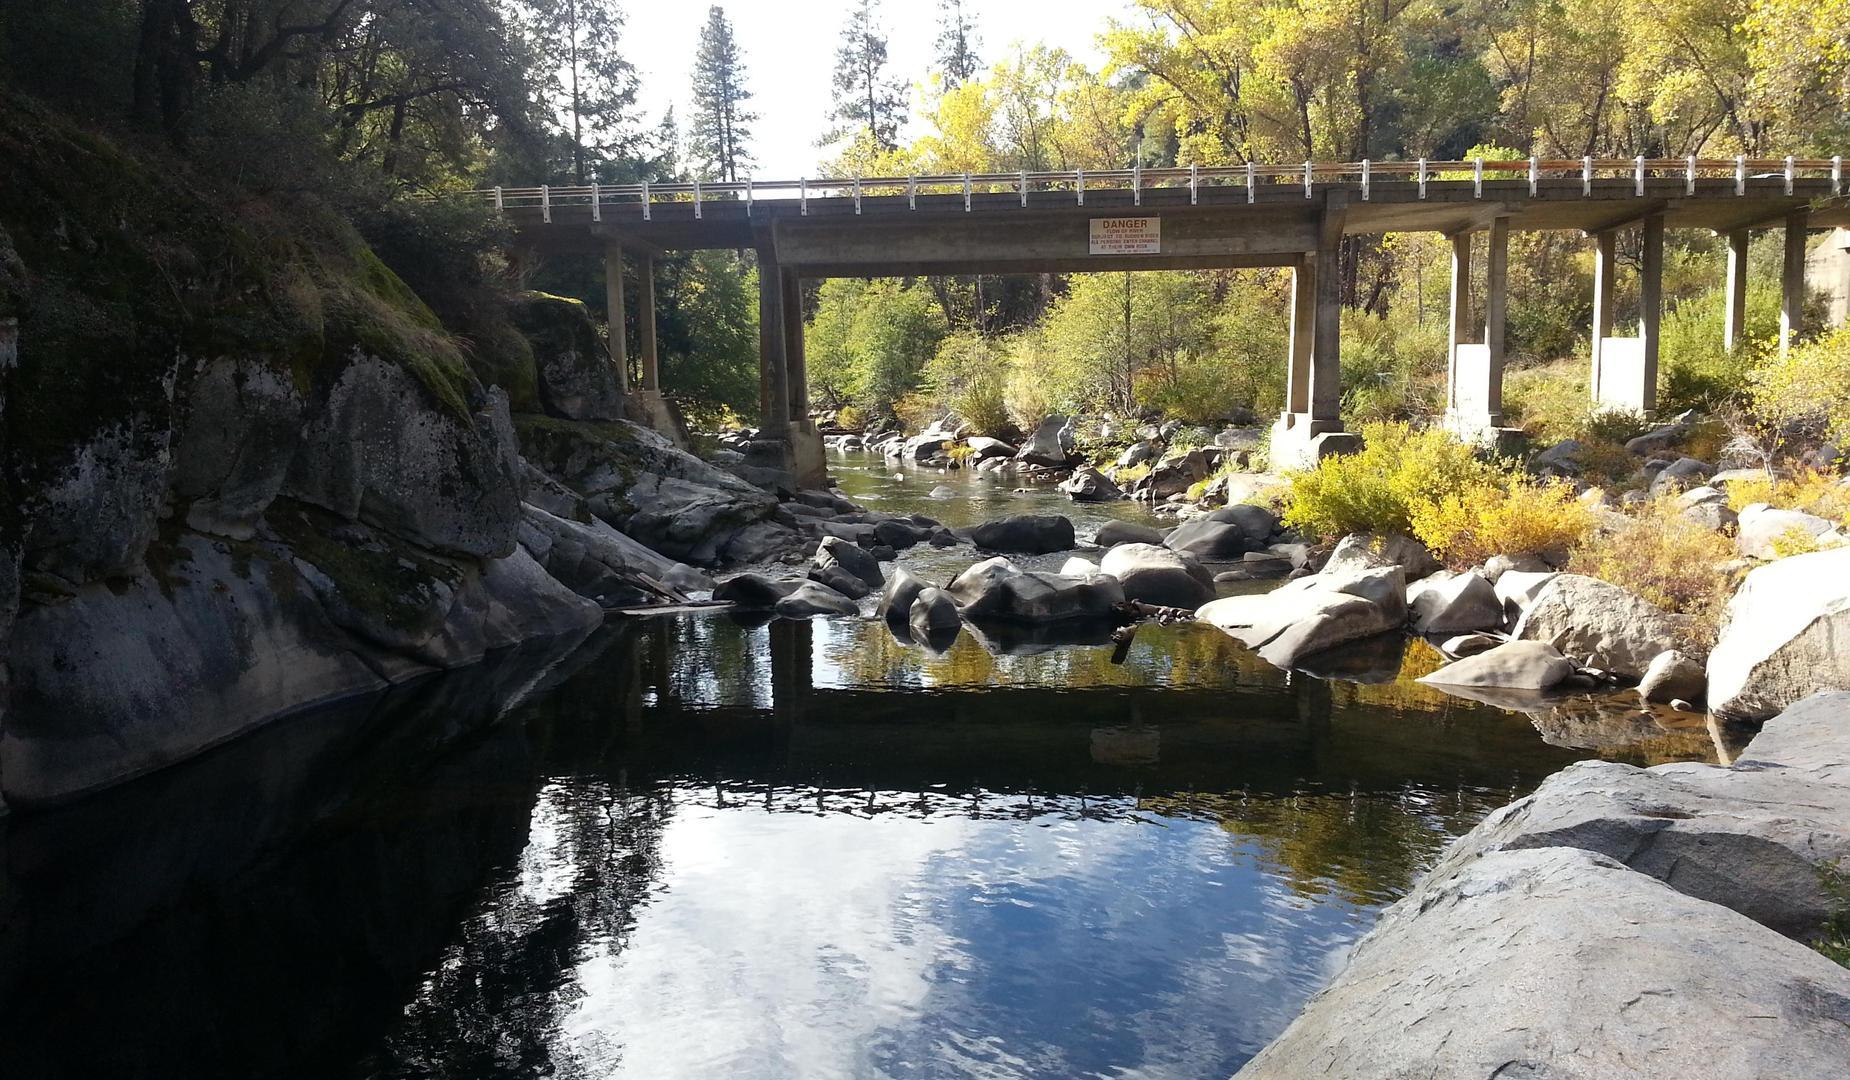 Picture of Mokelumne river bridge